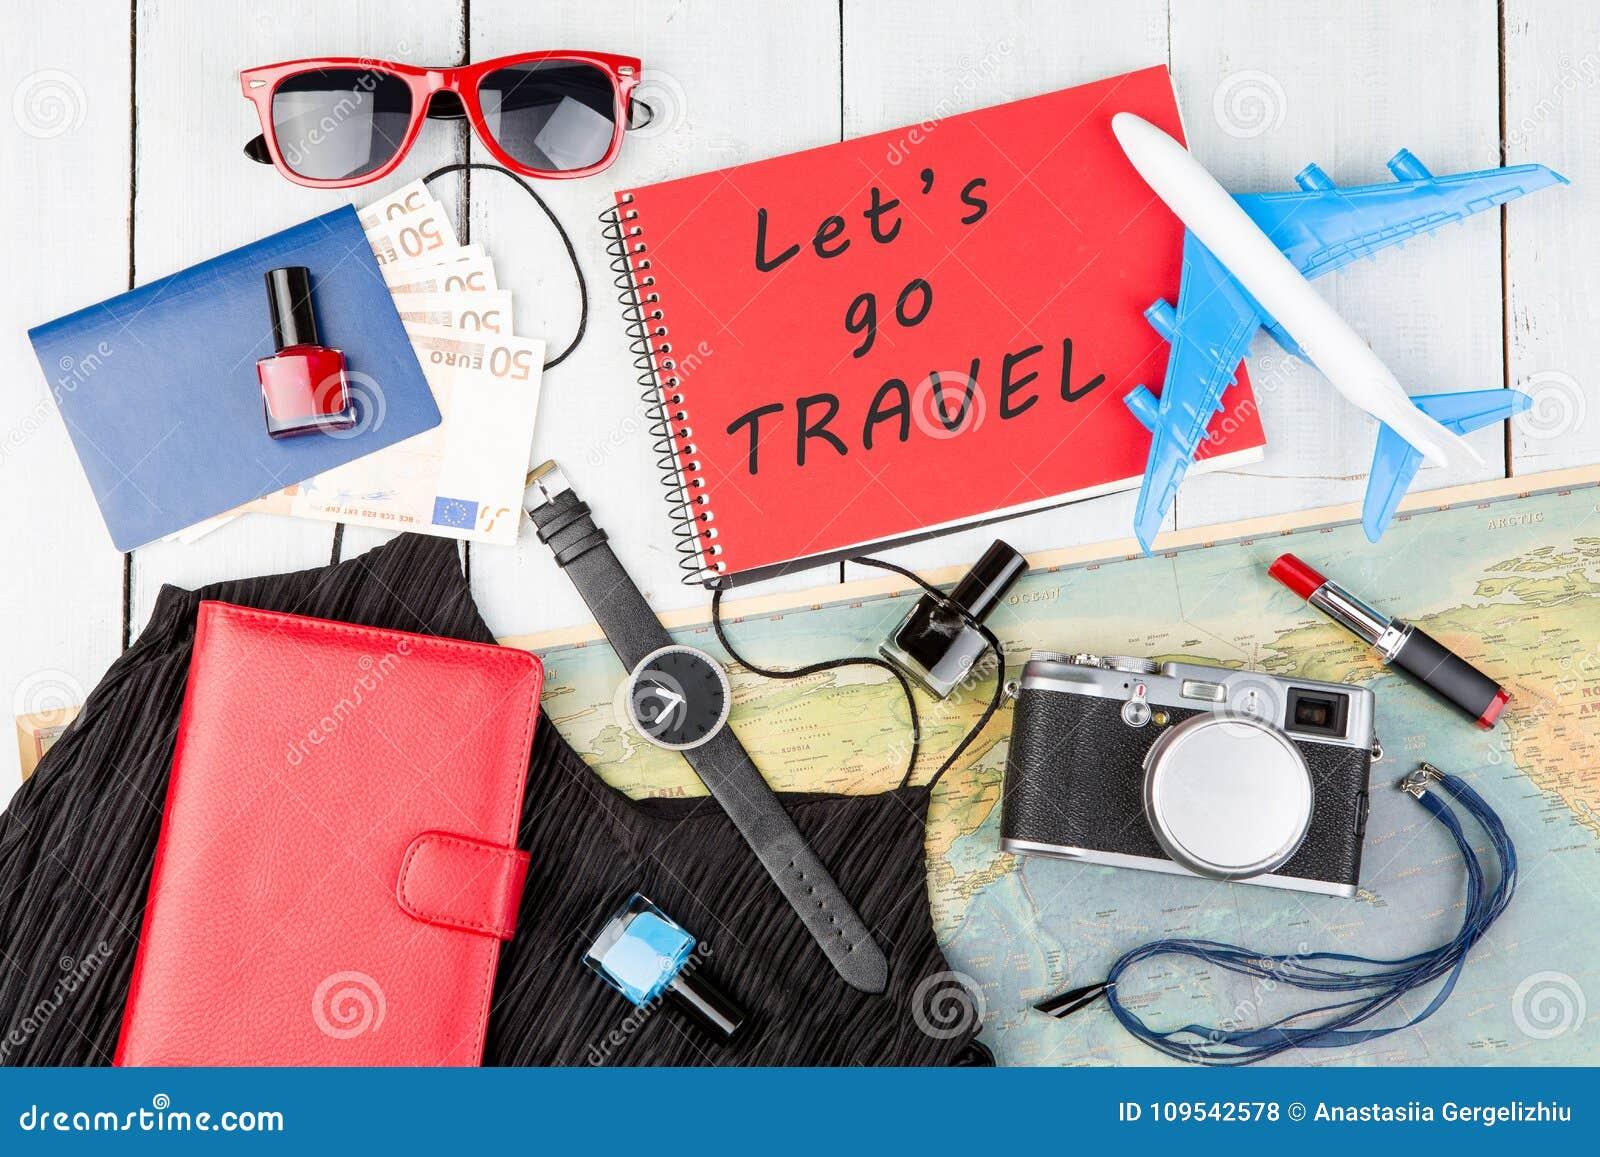 самолет, карта, пасспорт, деньги, вахта, камера, блокнот с текстом & x22; Let& x27; s идет TRAVEL& x22; , солнечные очки, бумажни